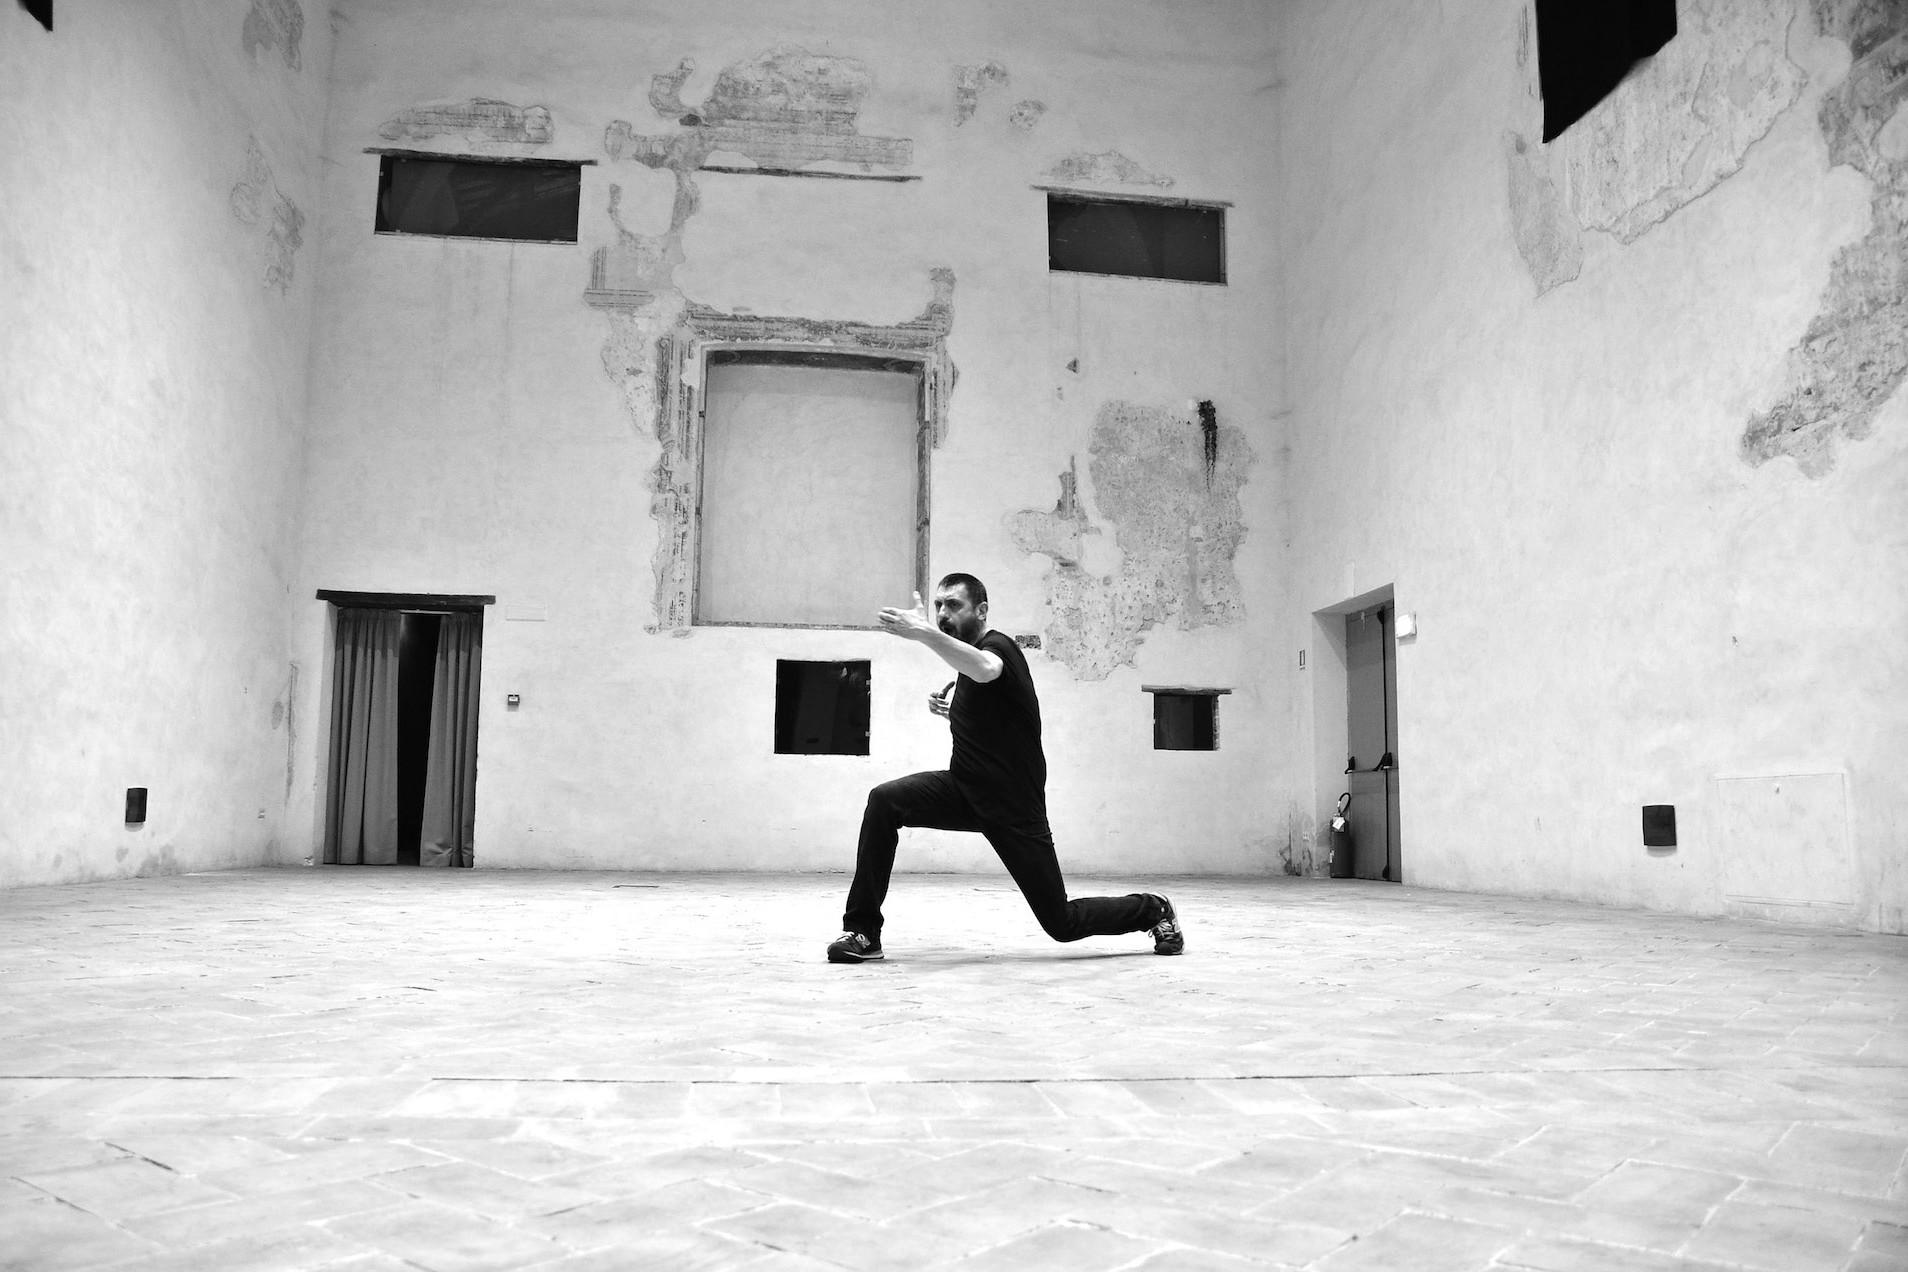 The situation. DOGOD / Barbara Berti / Marco Mazzoni / ph. Mariella Nanni / TIR Danza / Xing